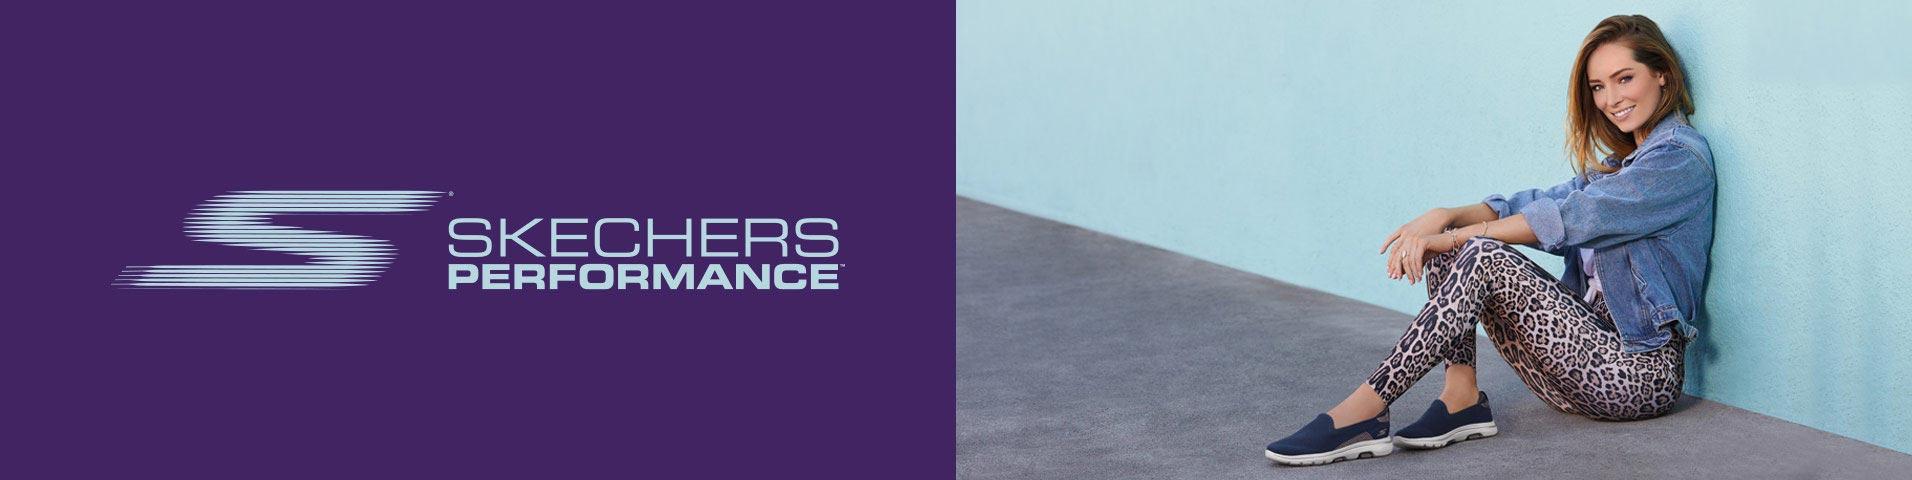 Obuwie damskie Skechers Performance w Zalando, lepiej nie